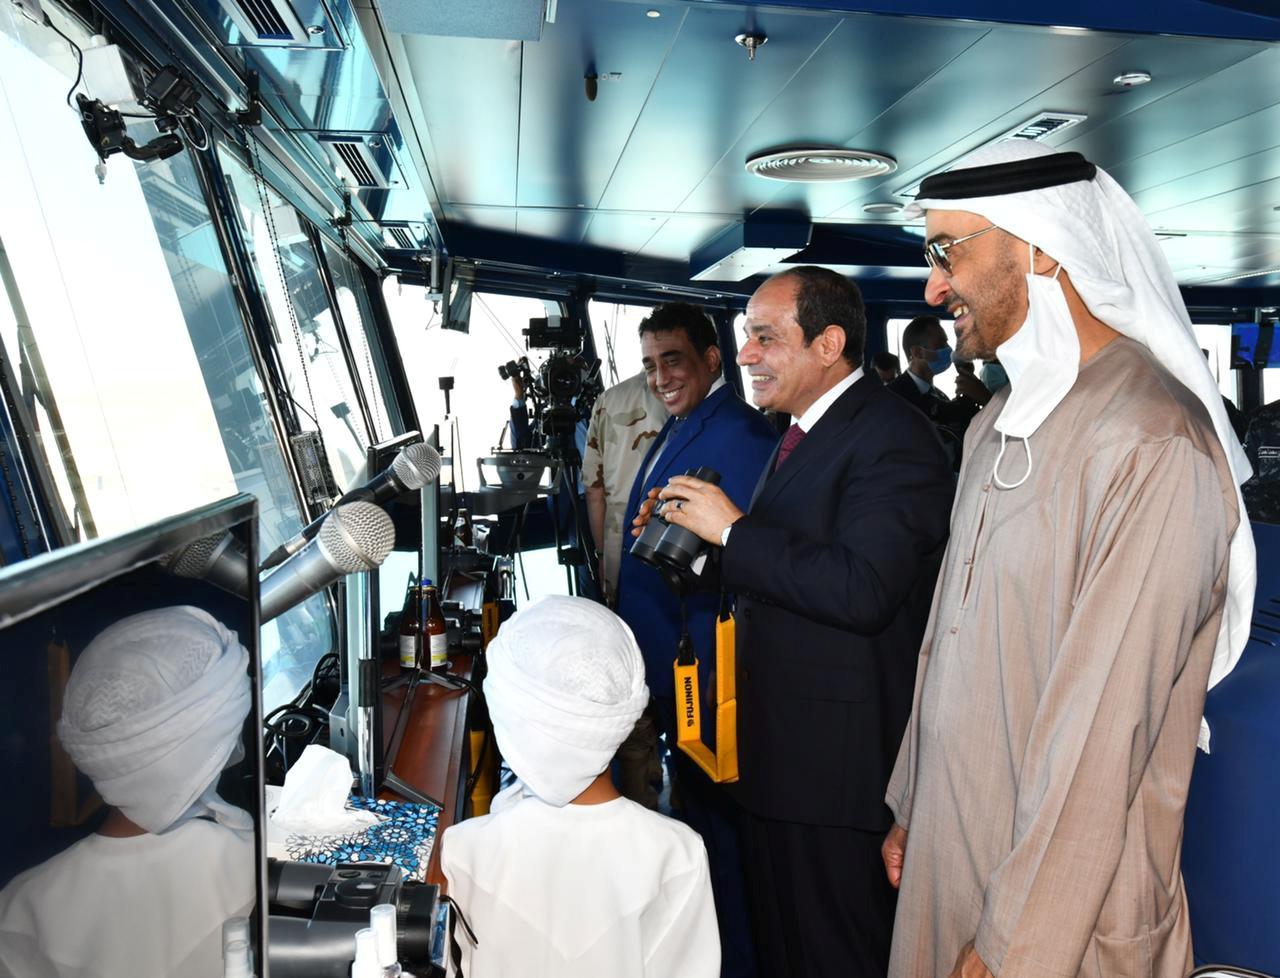 Αίγυπτος: Ο πρόεδρος Σίσι εγκαινίασε ναυτική βάση κοντά στα σύνορα με τη Λιβύη